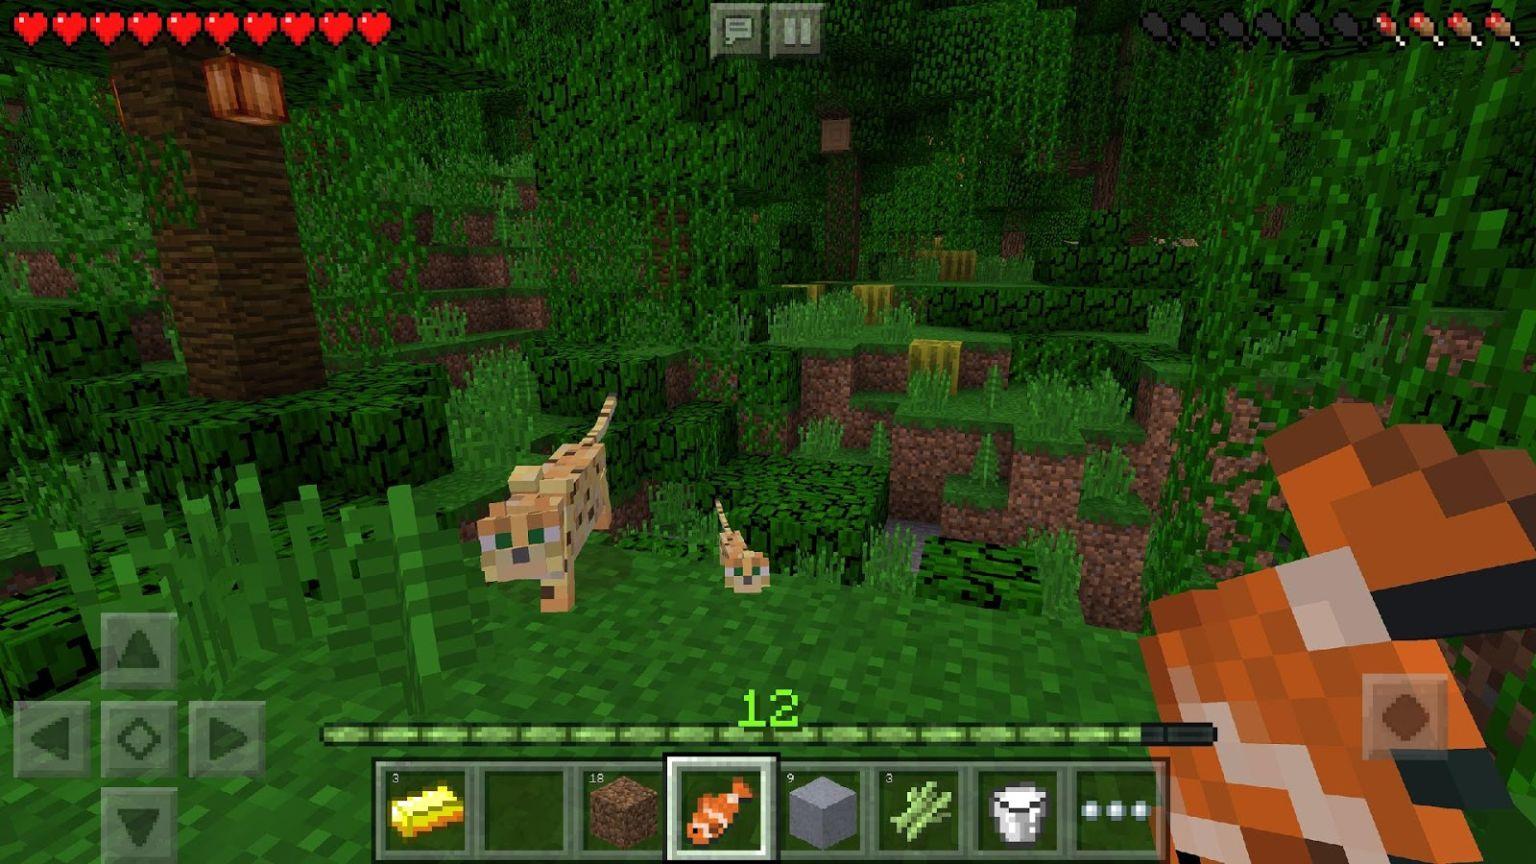 যারা Minecraft গেইম টি খেলতে ভালোবাসেন তাদের জন্য নিয়ে এলাম Minecraft এর মোড ভার্সন (এখনি সংগ্রহ করে ফেলুন)